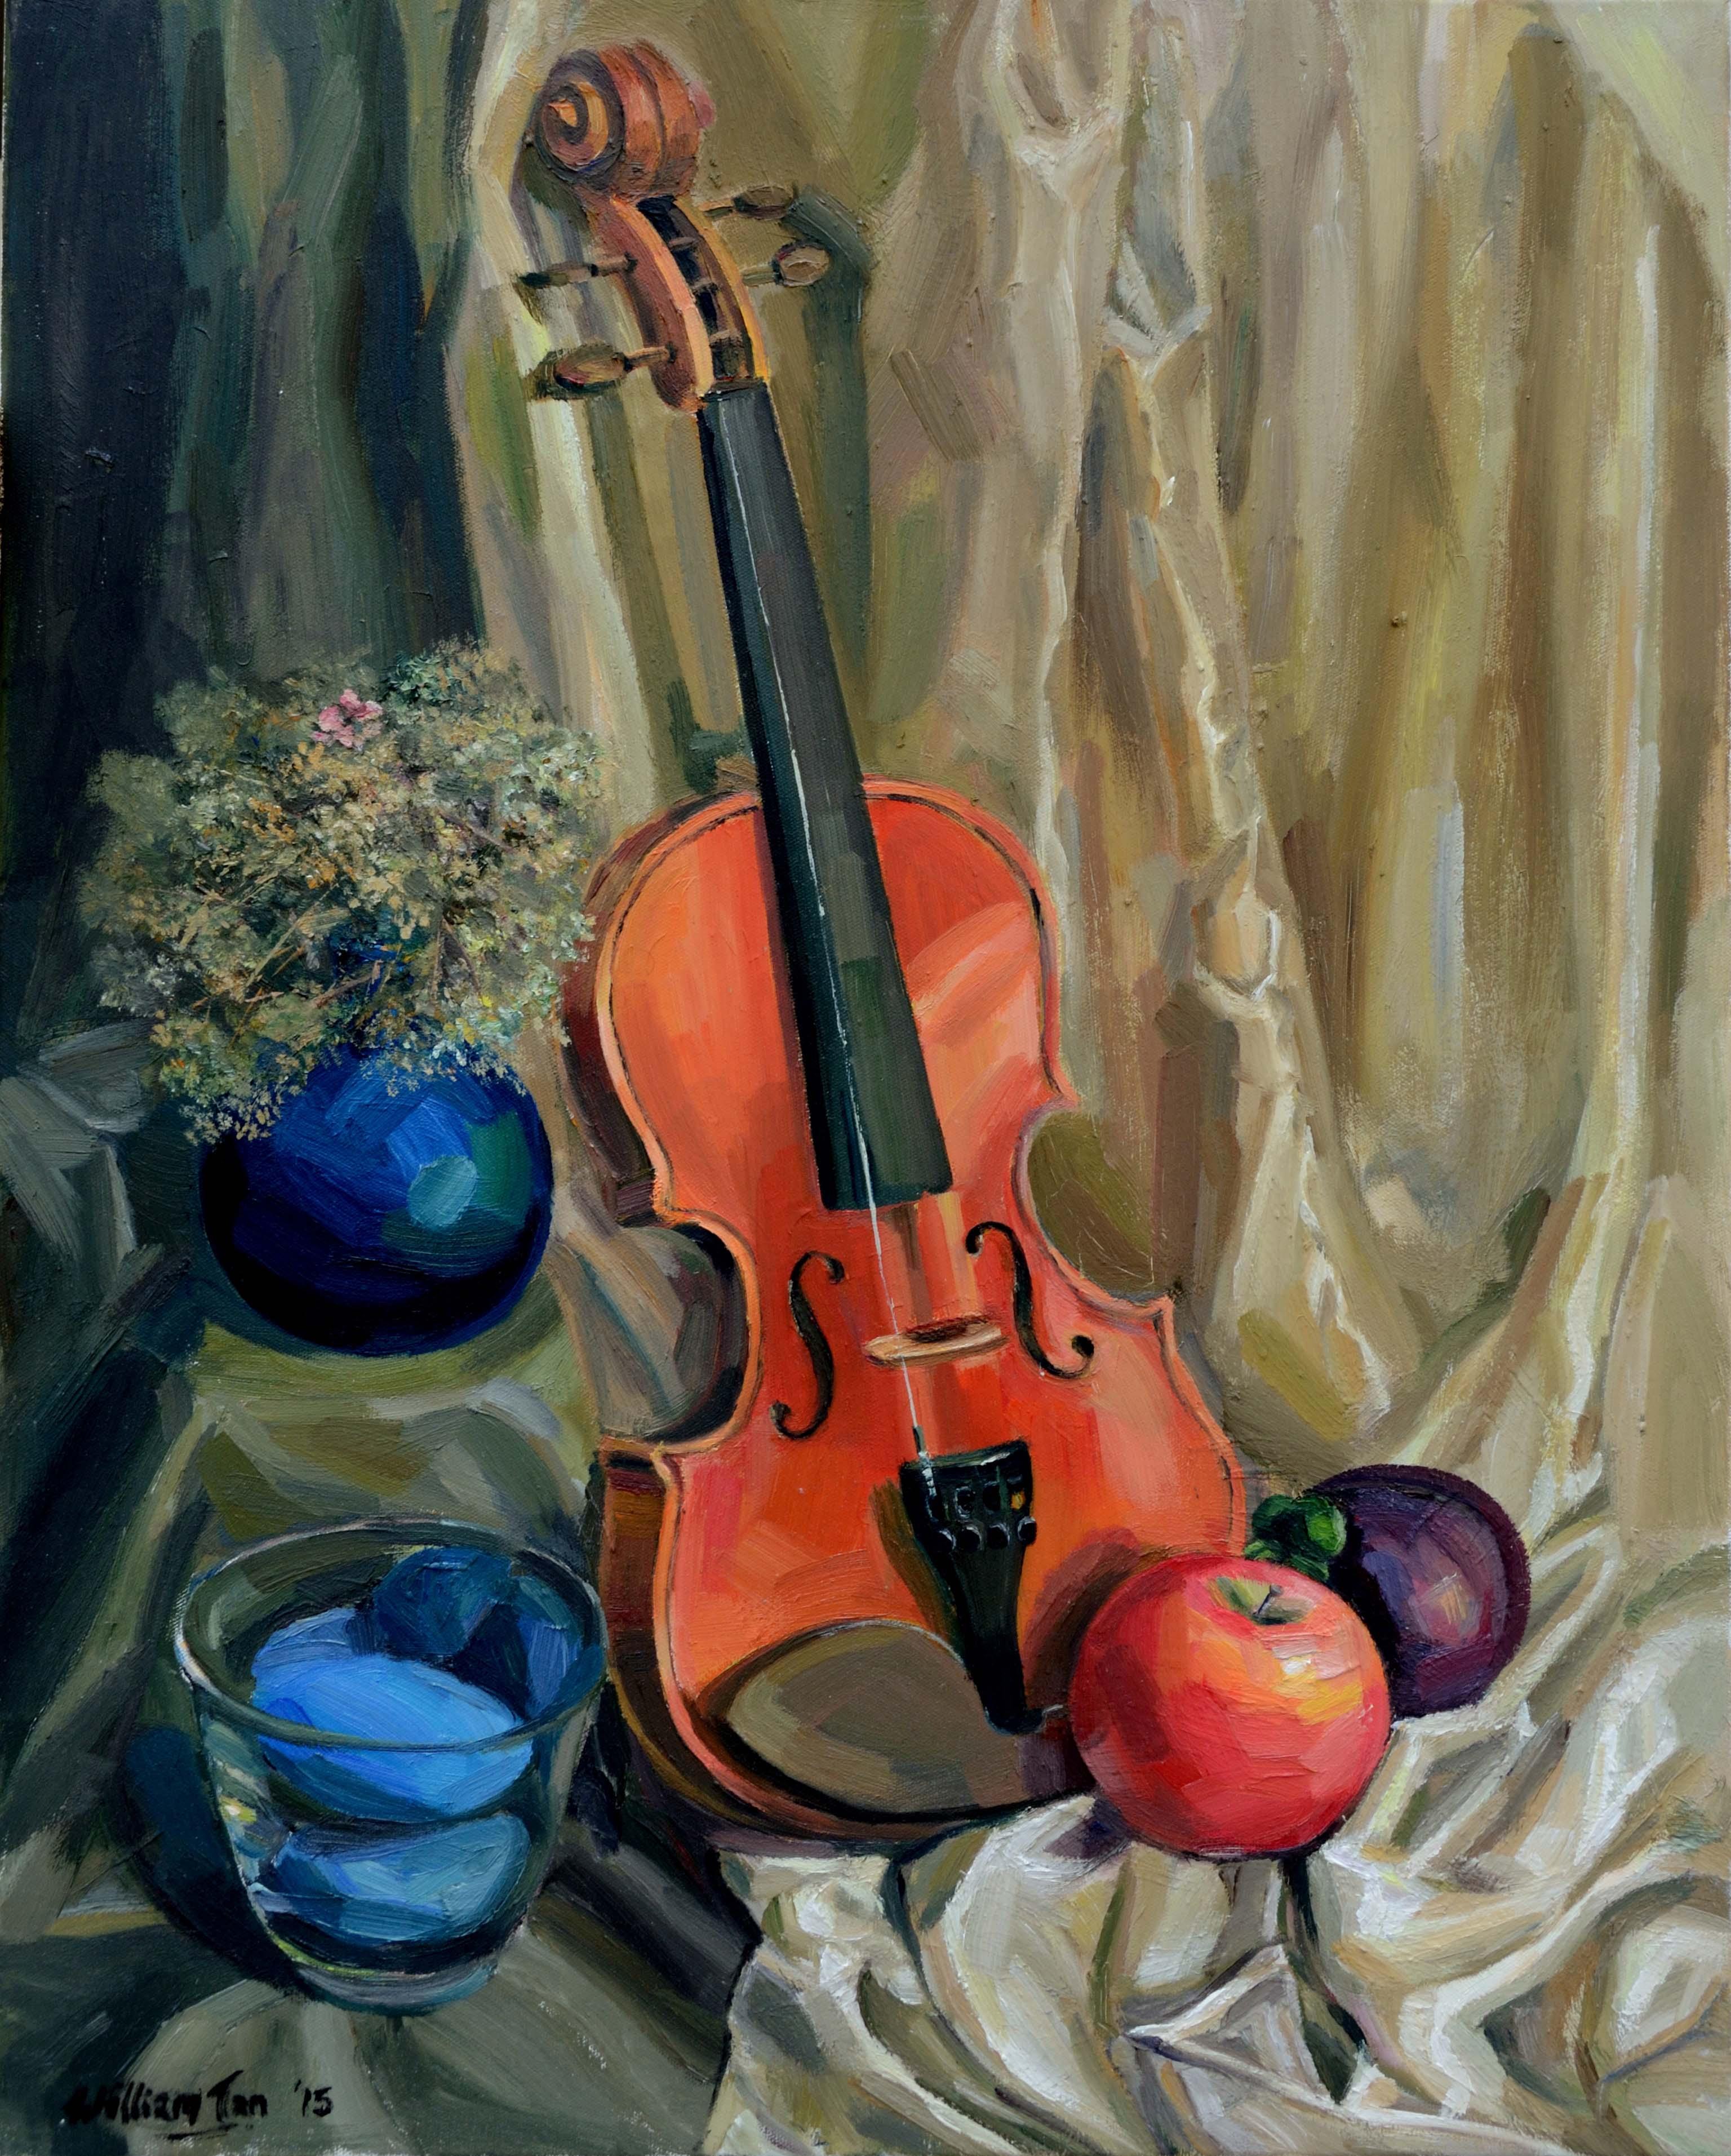 瑞祥_violin